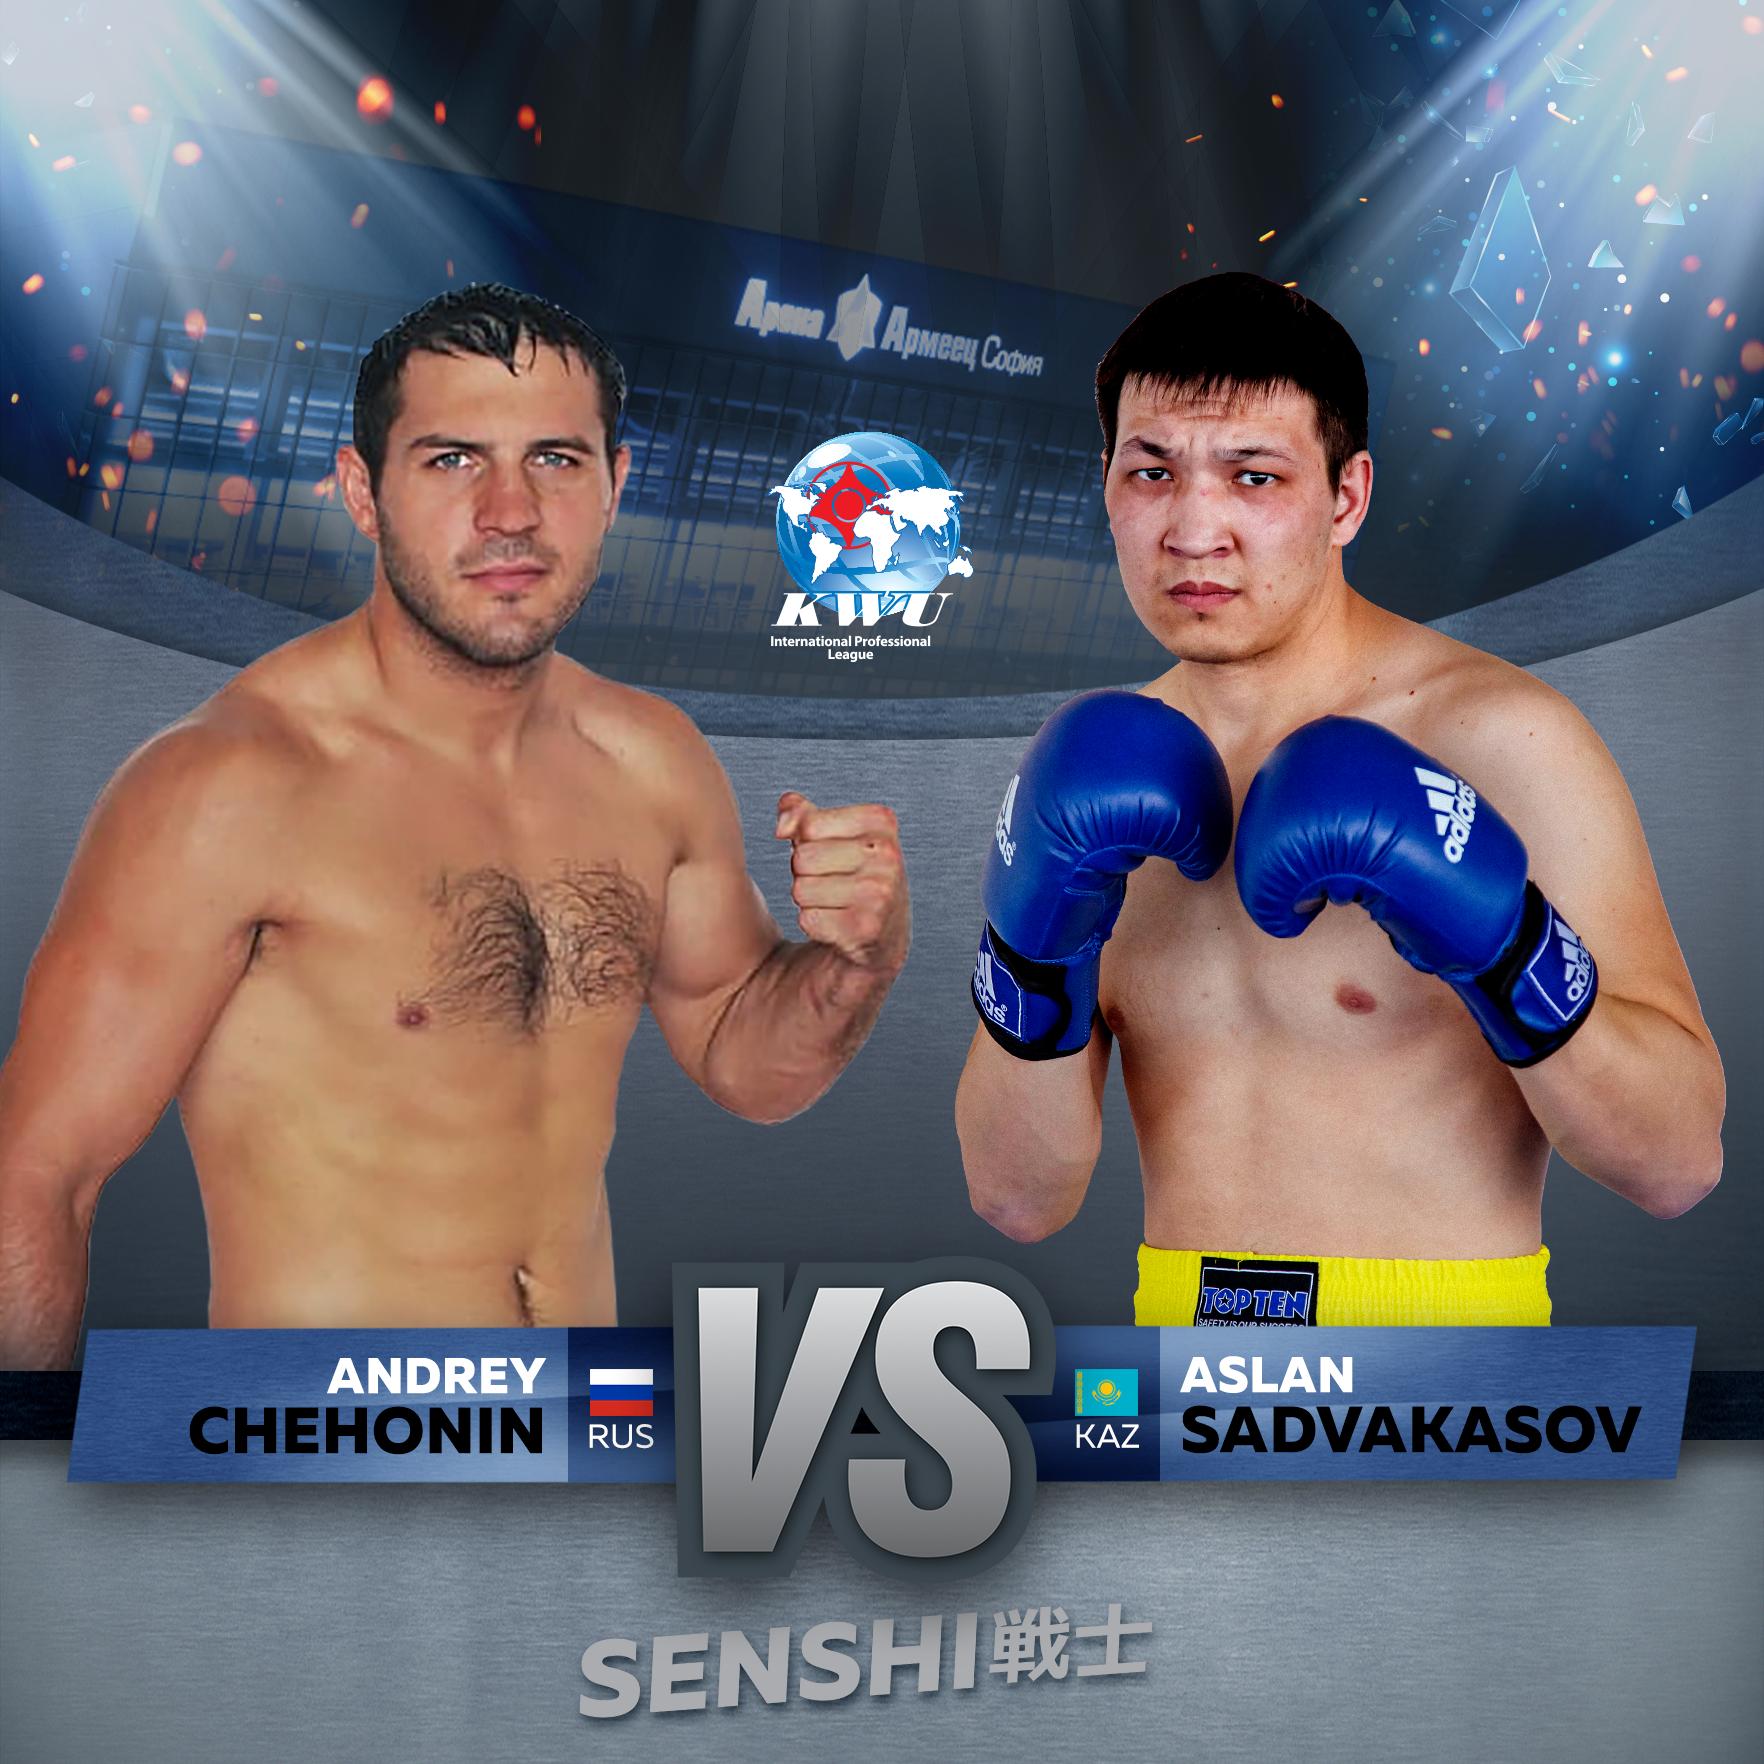 Русия срещу Казахстан в киокушин сблъсък на второто издание на SENSHI